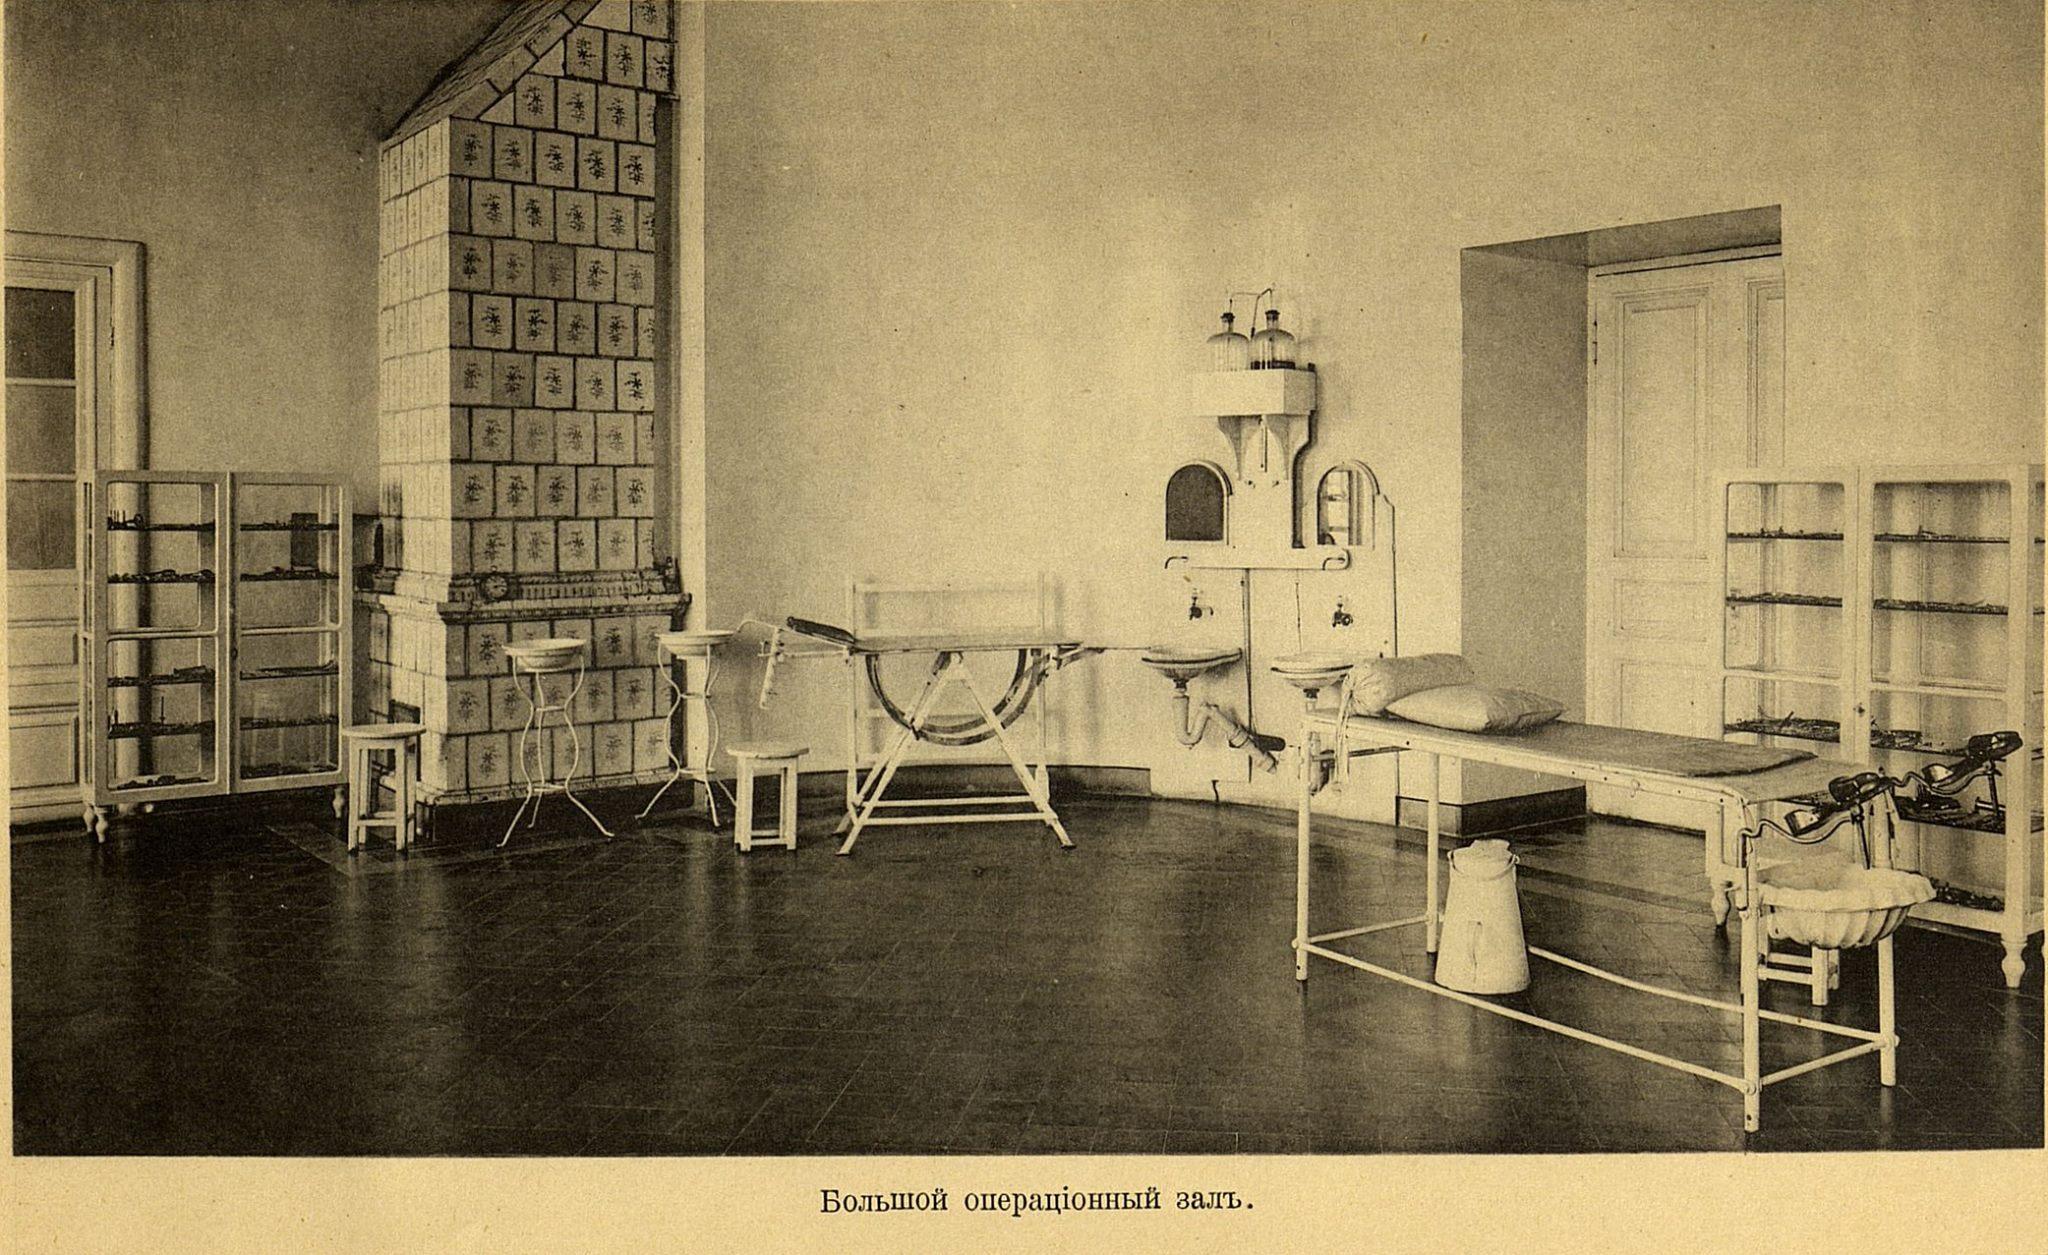 10. Большой операционный зал